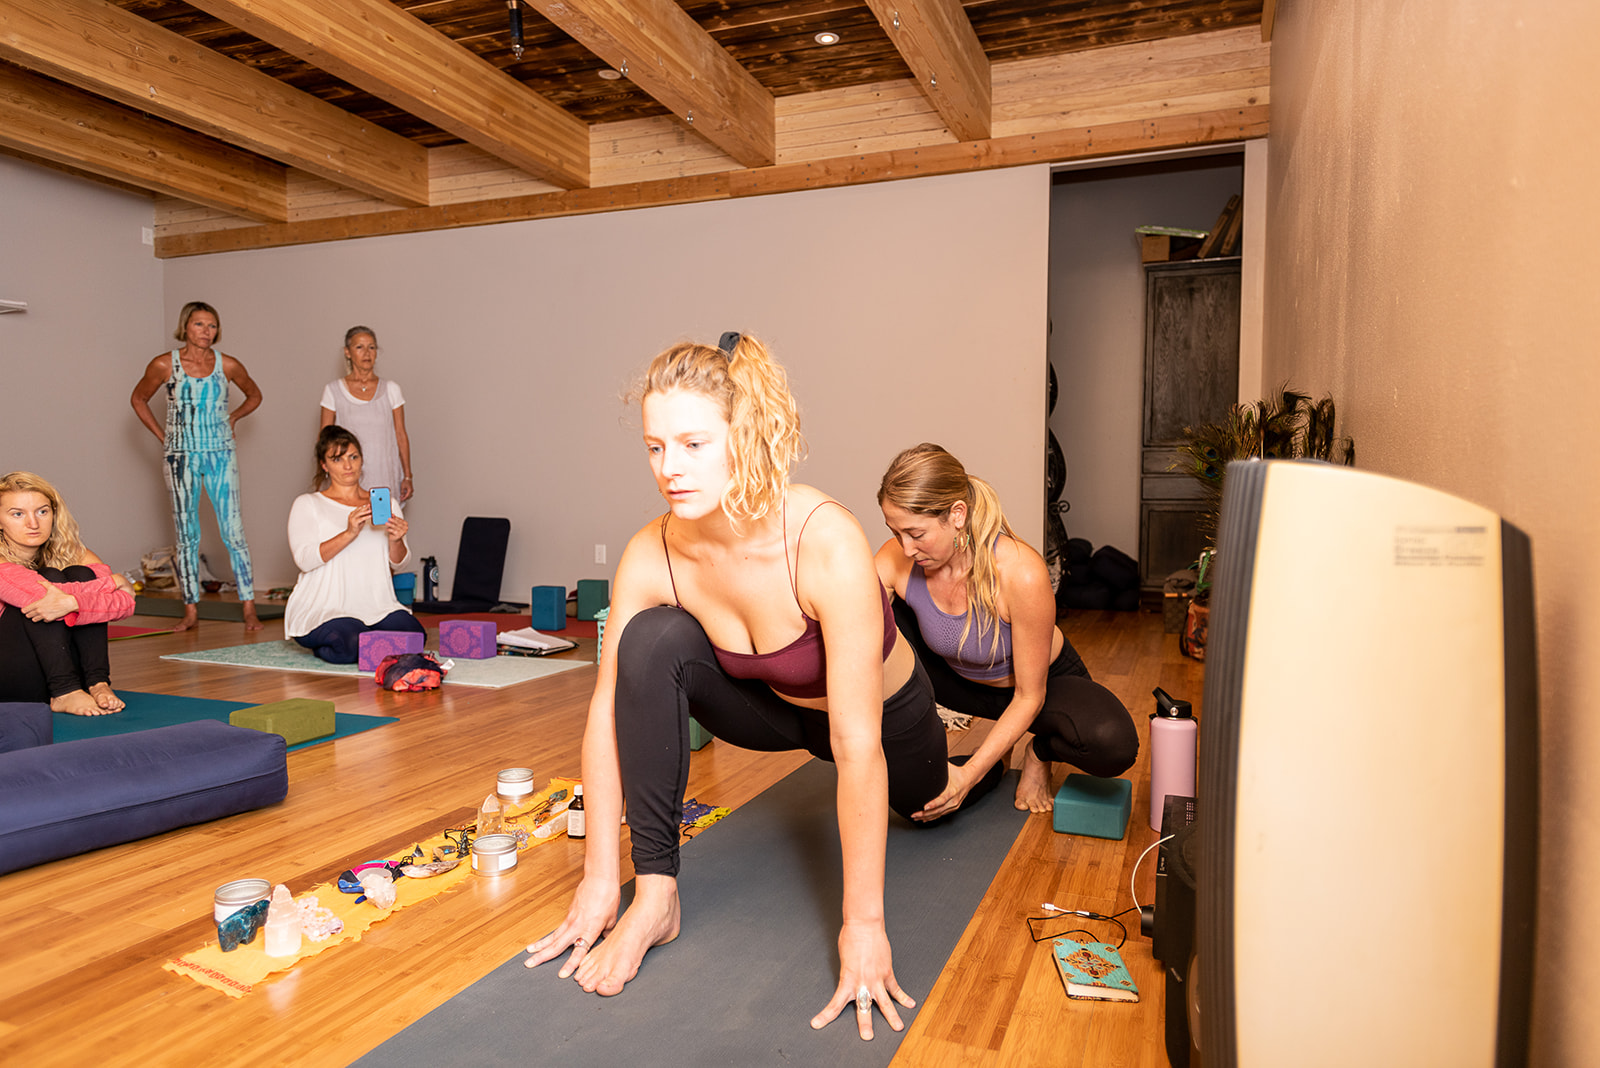 yin-yoga-teacher-training-durga-excursions-sedona-I-2019-20.jpg